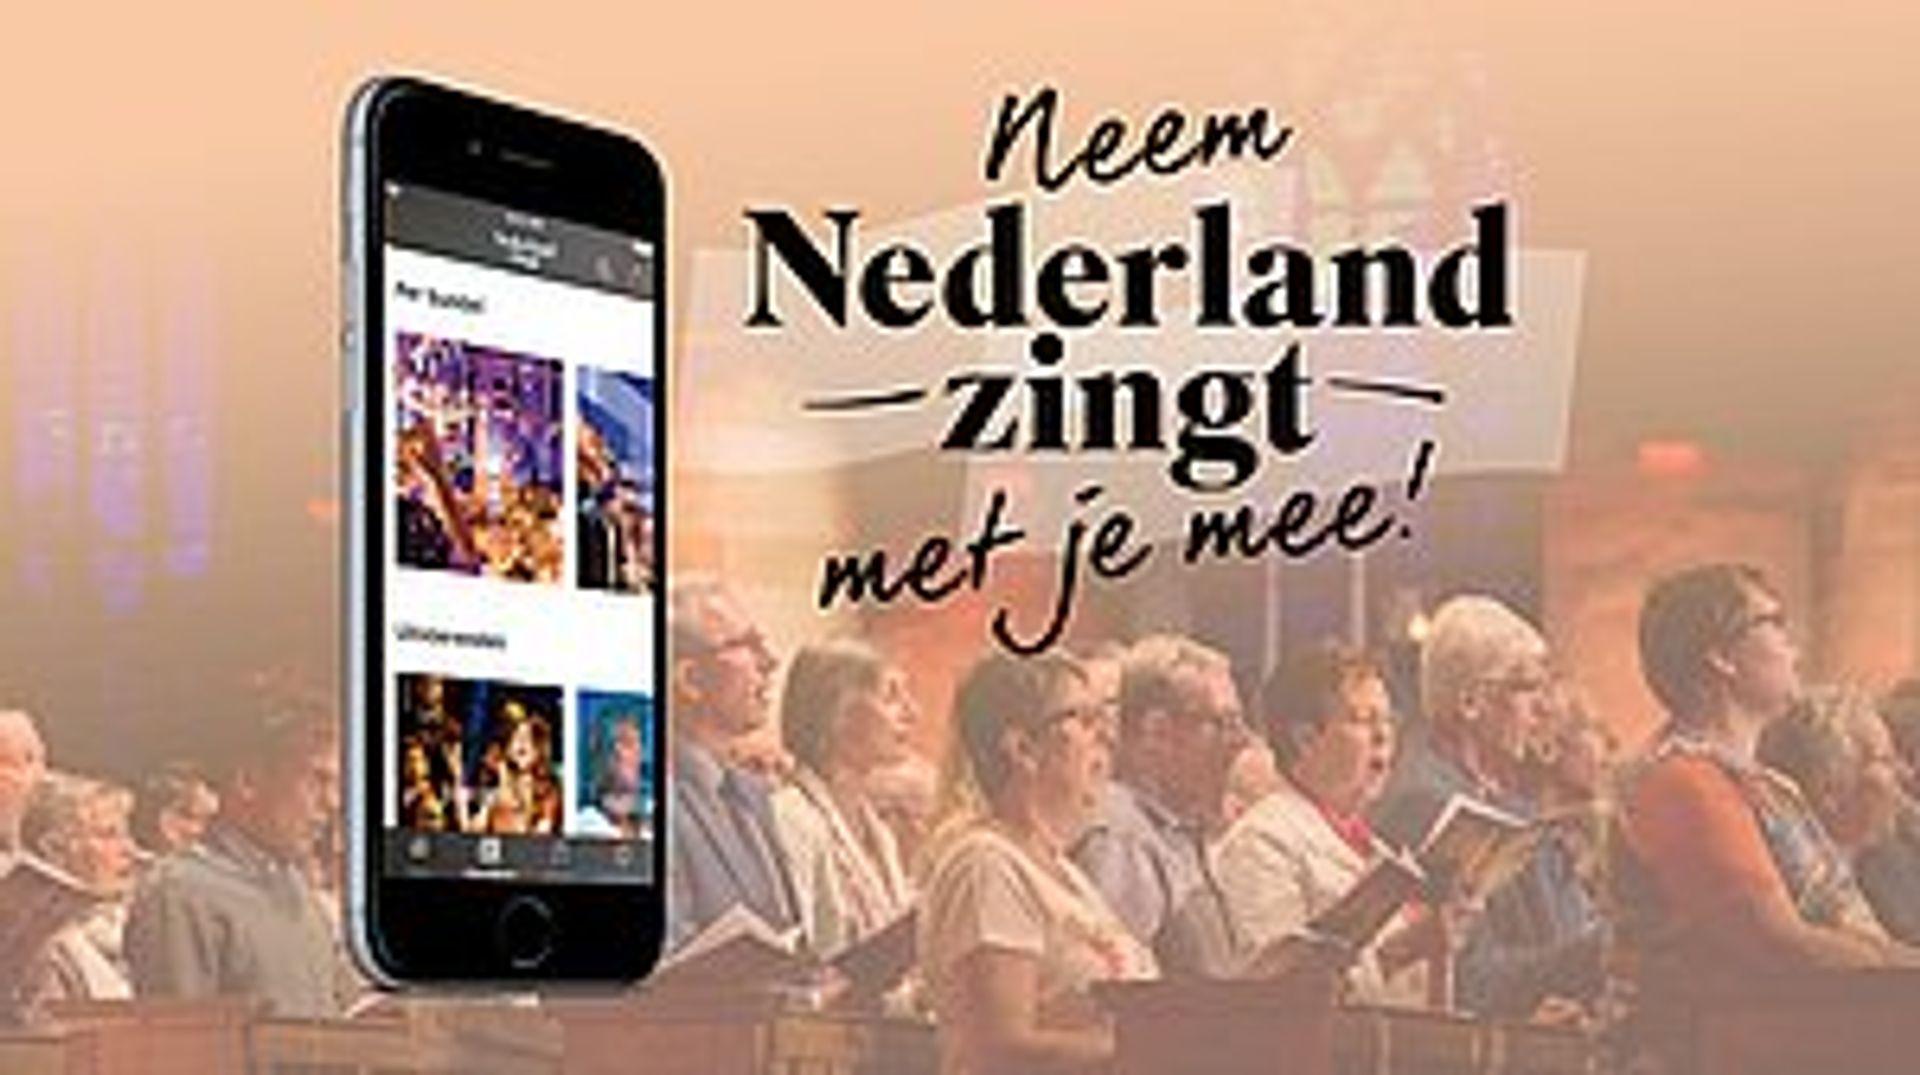 Neem Nederland Zingt altijd met je mee